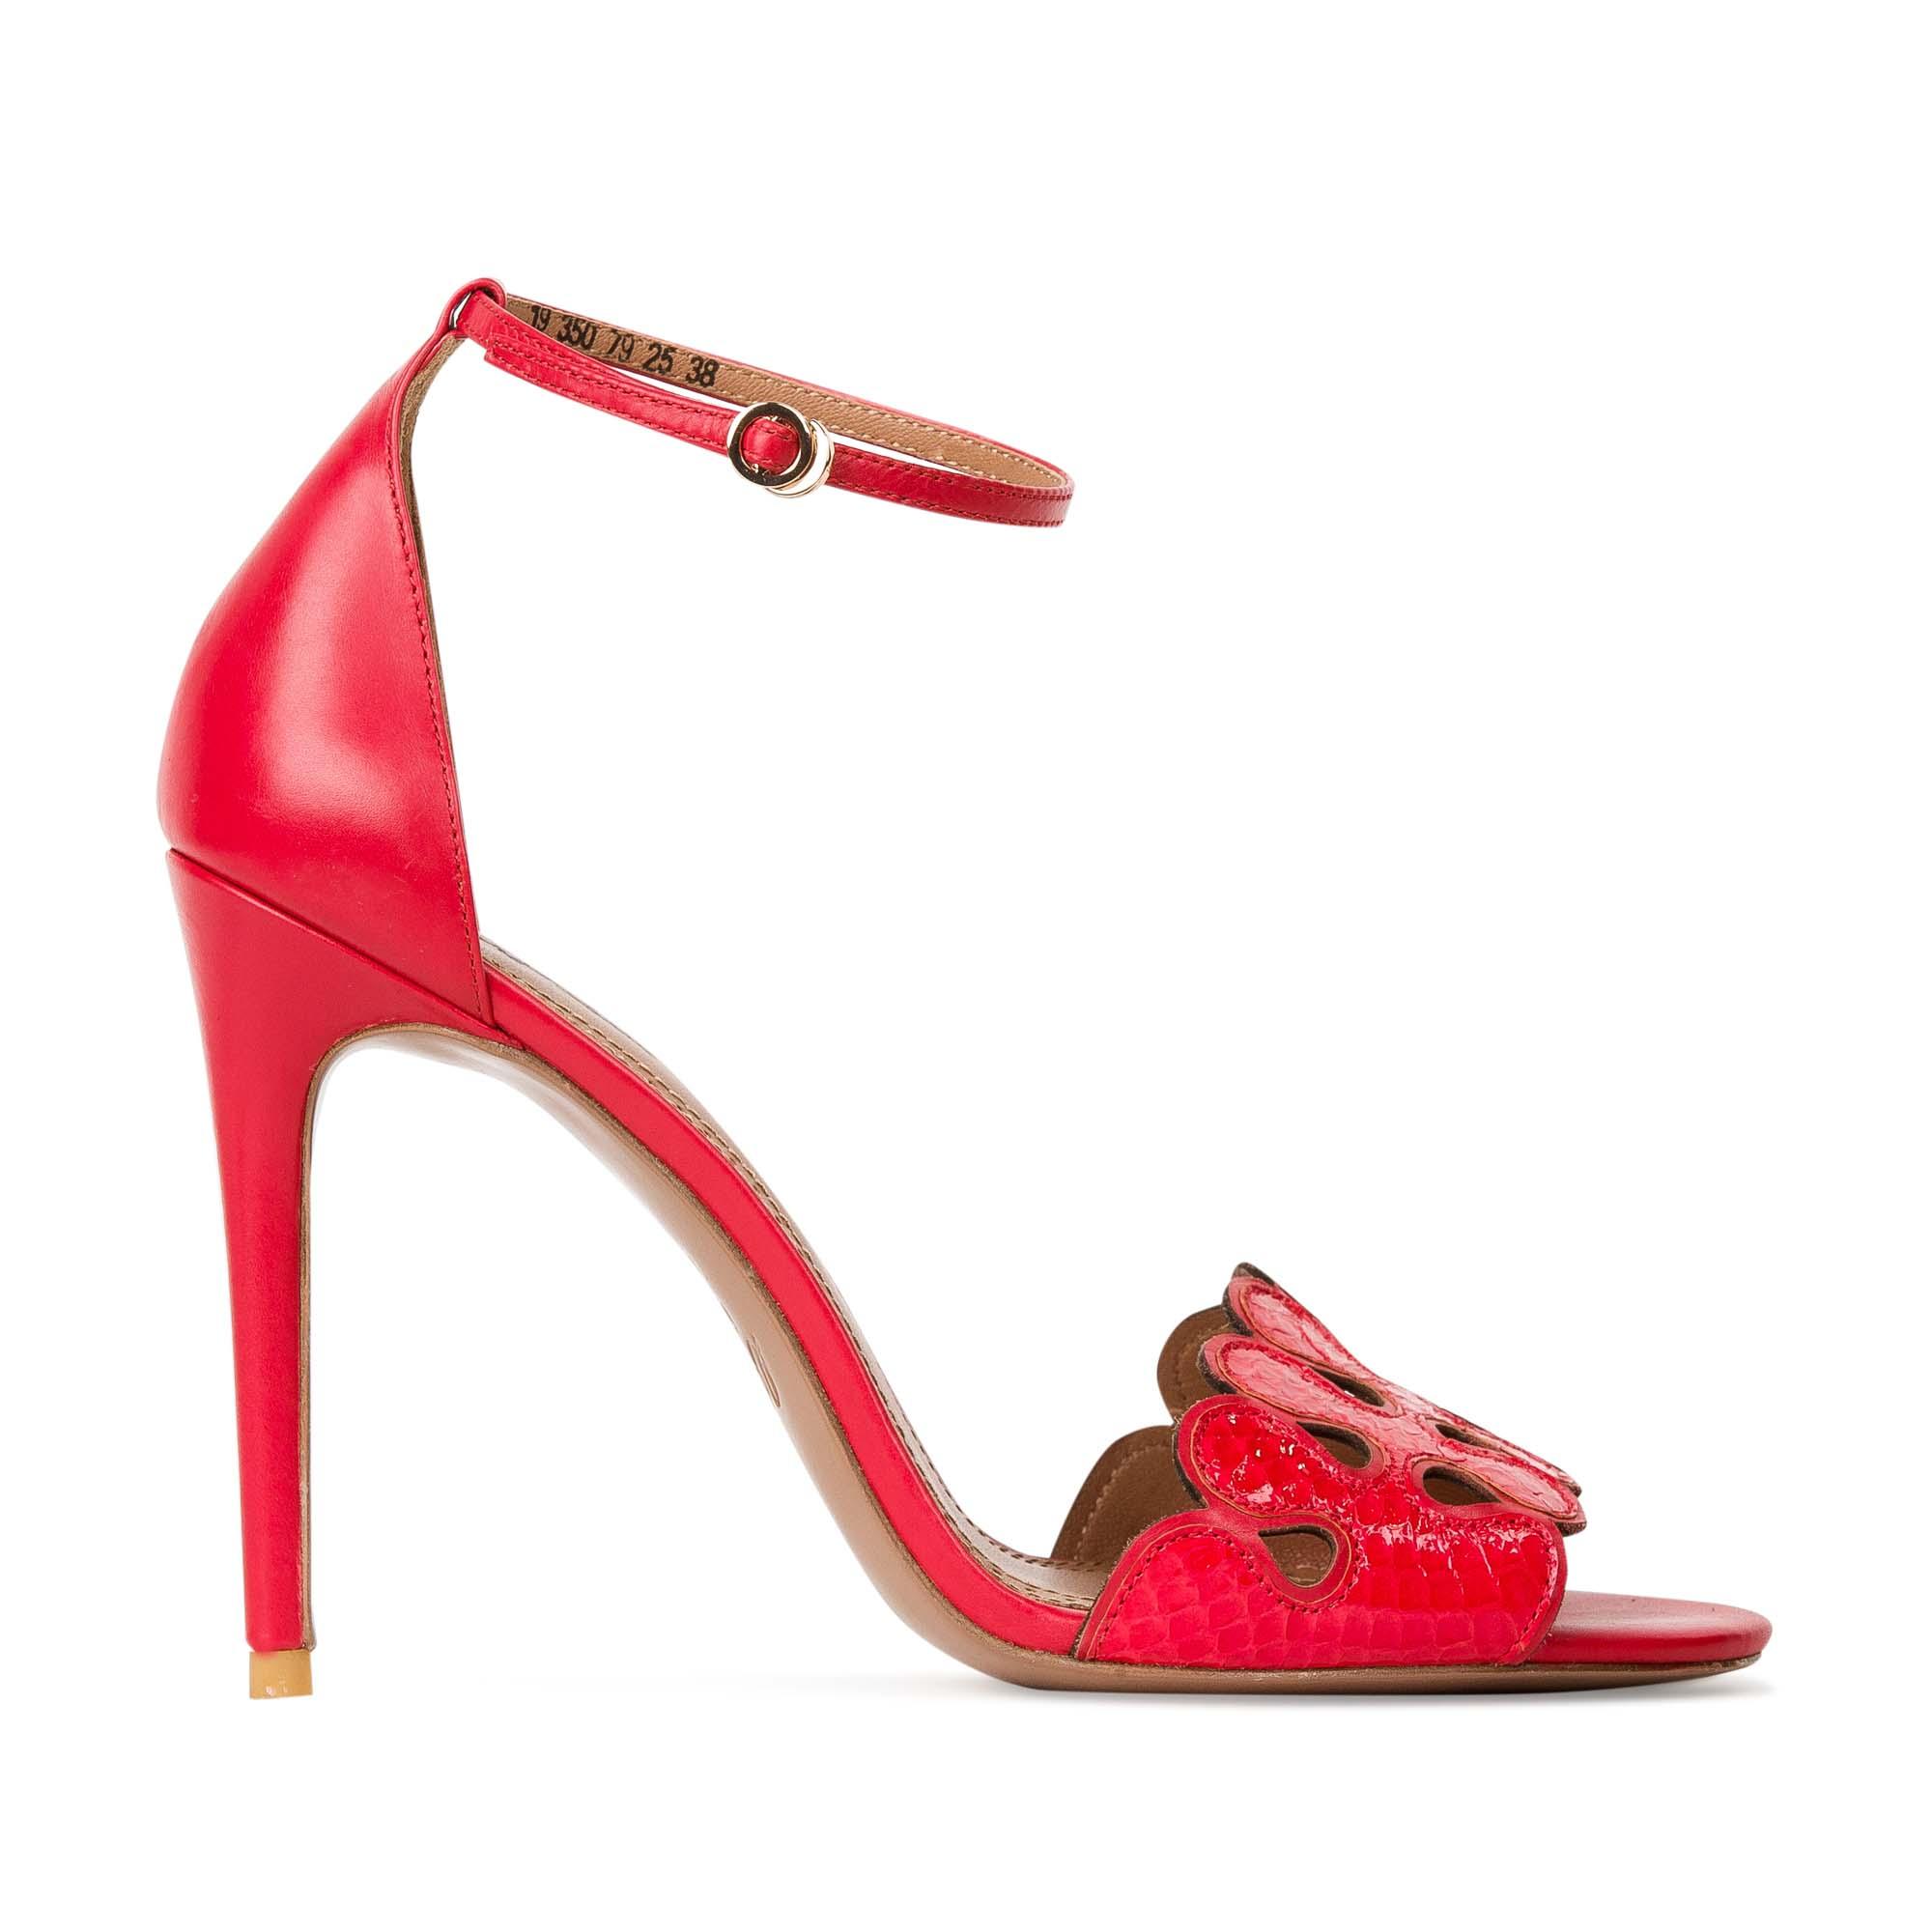 Босоножки из красной кожи со змеиным принтомТуфли женские<br><br>Материал верха: Кожа змеи<br>Материал подкладки: Кожа<br>Материал подошвы: Кожа<br>Цвет: Красный<br>Высота каблука: 10 см<br>Дизайн: Италия<br>Страна производства: Китай<br><br>Высота каблука: 10 см<br>Материал верха: Кожа змеи<br>Материал подкладки: Кожа<br>Цвет: Красный<br>Вес кг: 0.38000000<br>Выберите размер обуви: 39